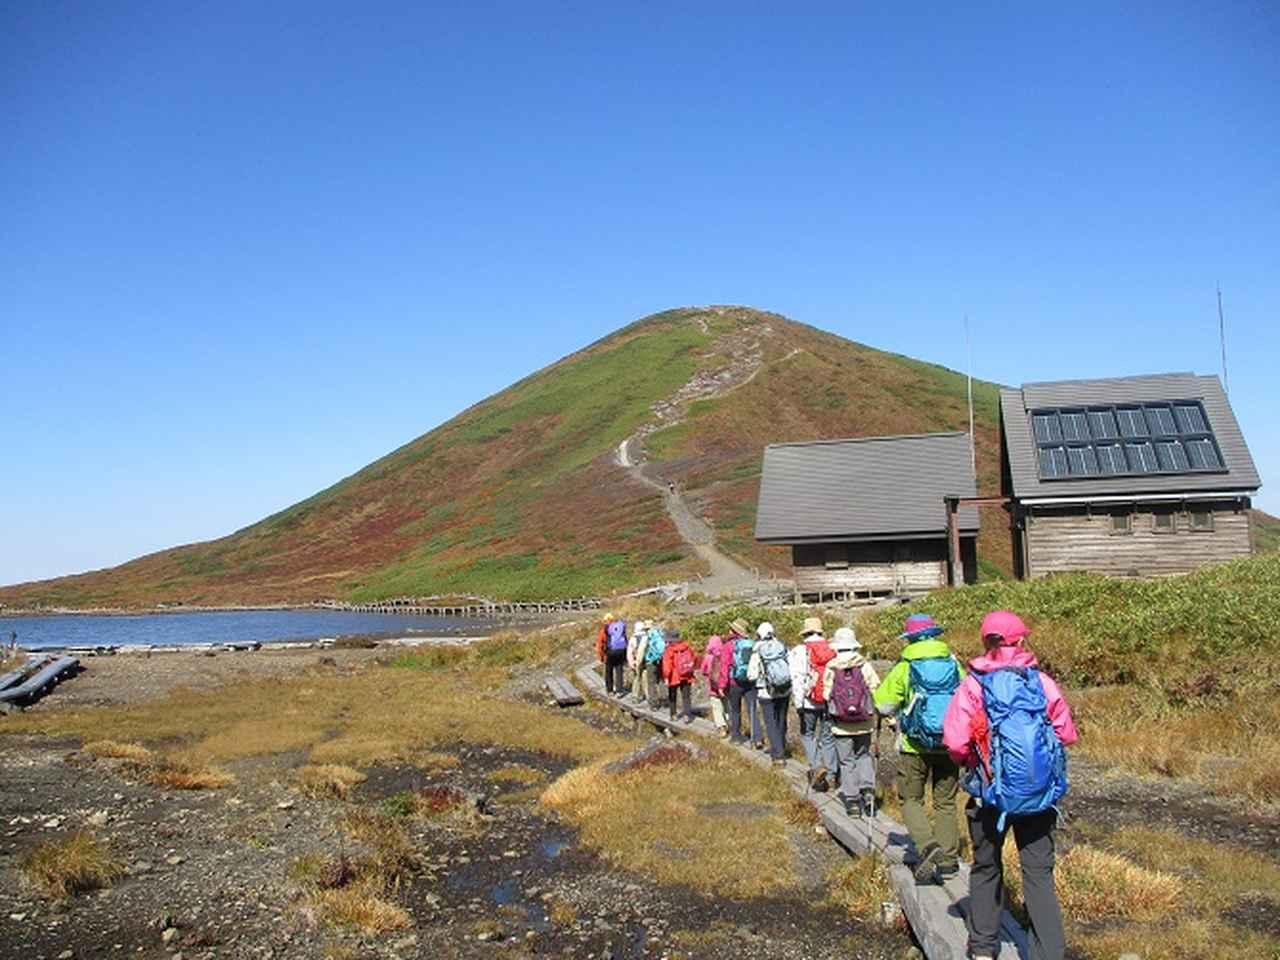 画像5: 9月30日から山旅会 「八幡平・秋田駒ヶ岳」 ツアーに行ってきました!